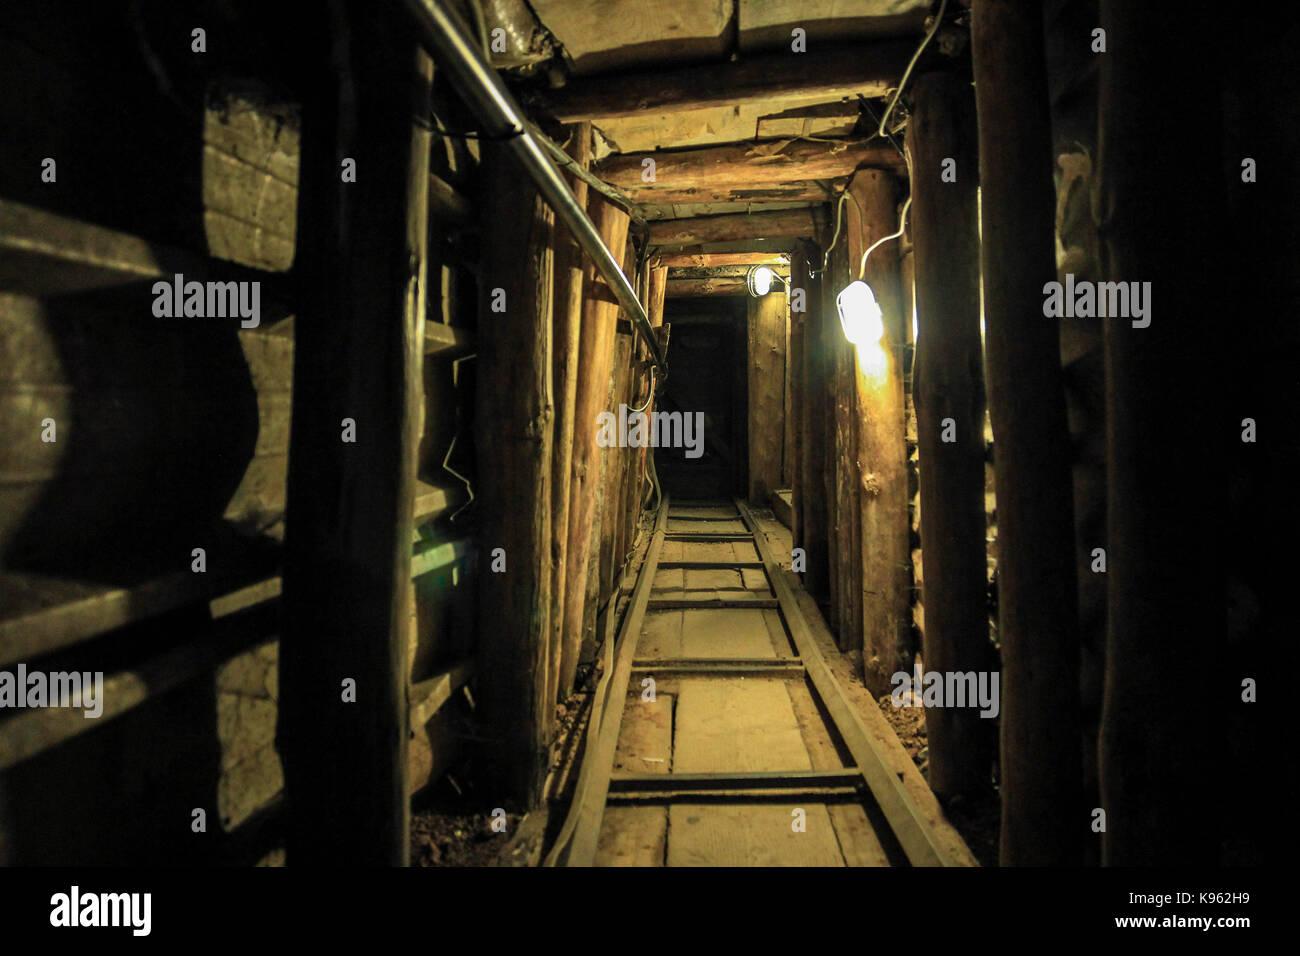 Der Tunnel der Hoffnung. Eine Auswahl von Bildern von Sarajevo. Bosnien und Herzegowina | unter der Start- und Landebahn Stockbild